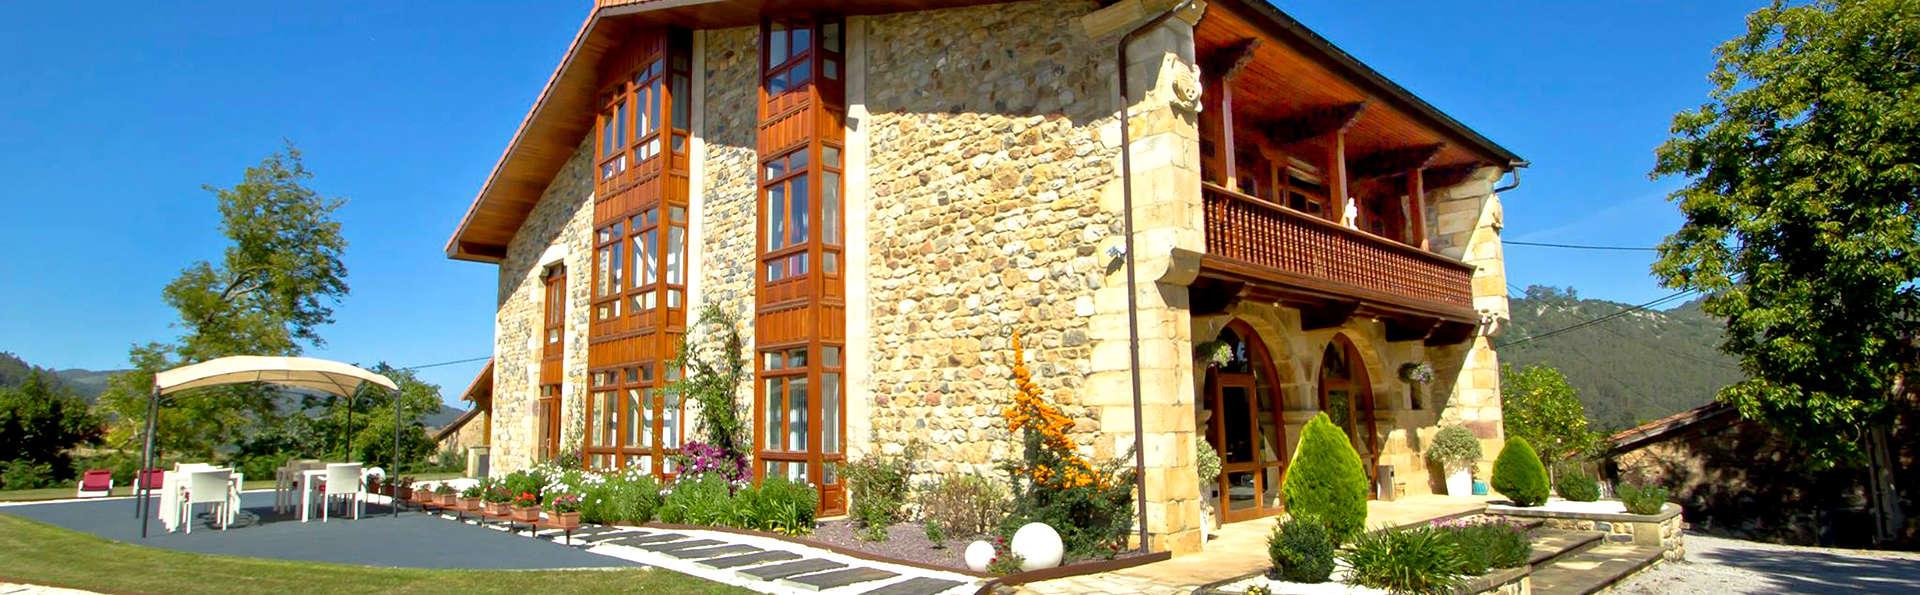 Hotel Villa Arce - Edit_Front2.jpg